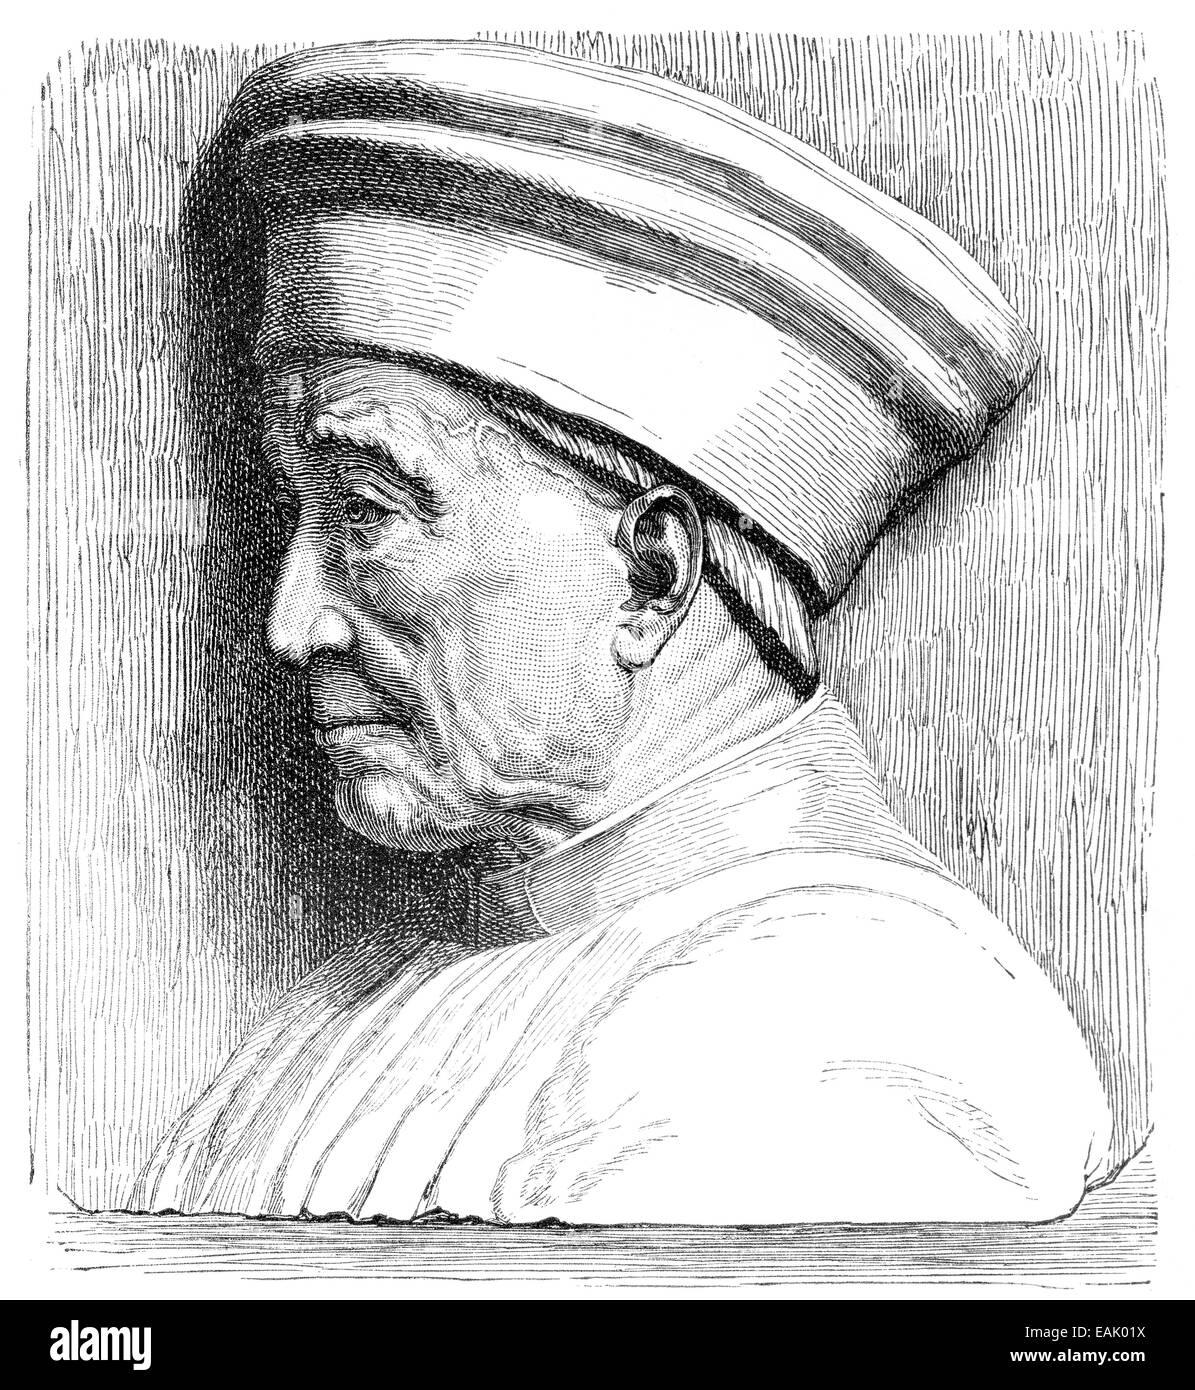 Cosimo the Elder also known as Cosimo de Medici, 1389 - 1464 , Portrait von Cosimo der Alte oder Cosimo de' Medici, - Stock Image